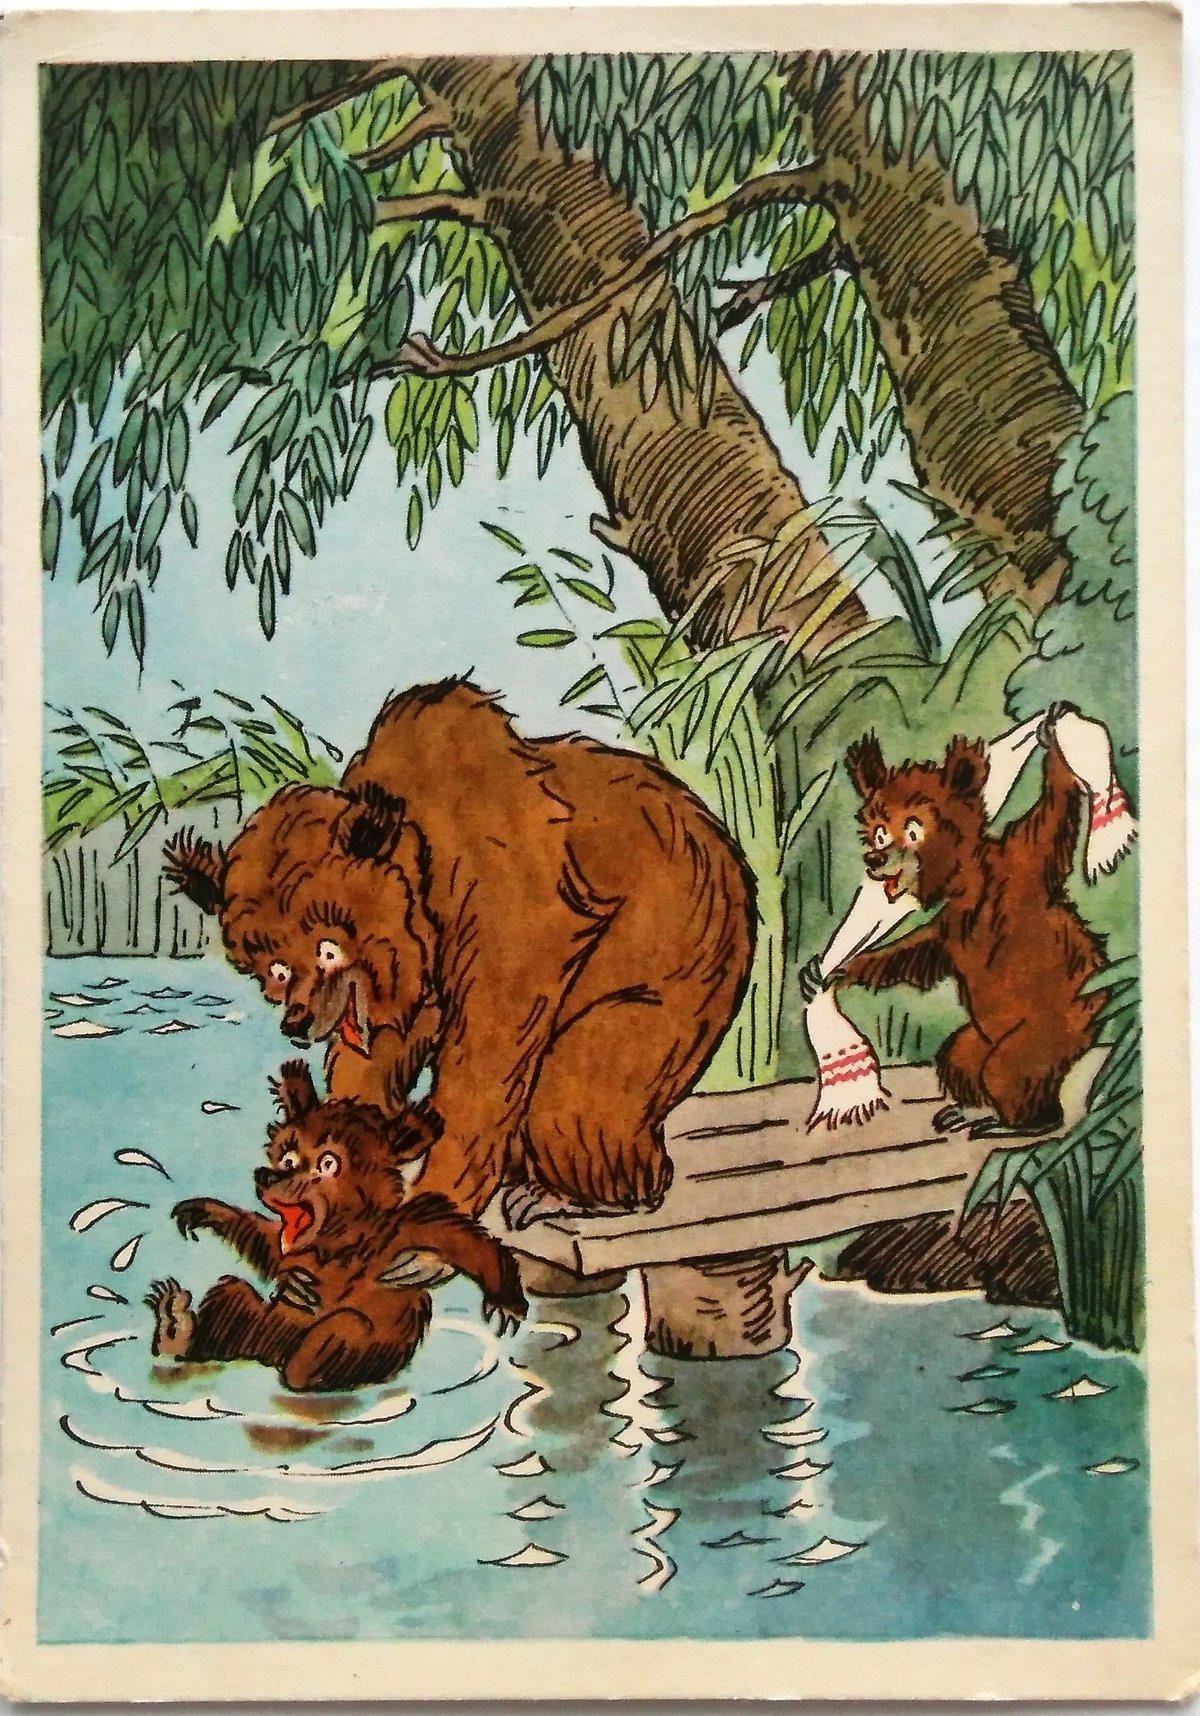 особенности иллюстрации к рассказу в бианки купание медвежат экструдеров выдерживают